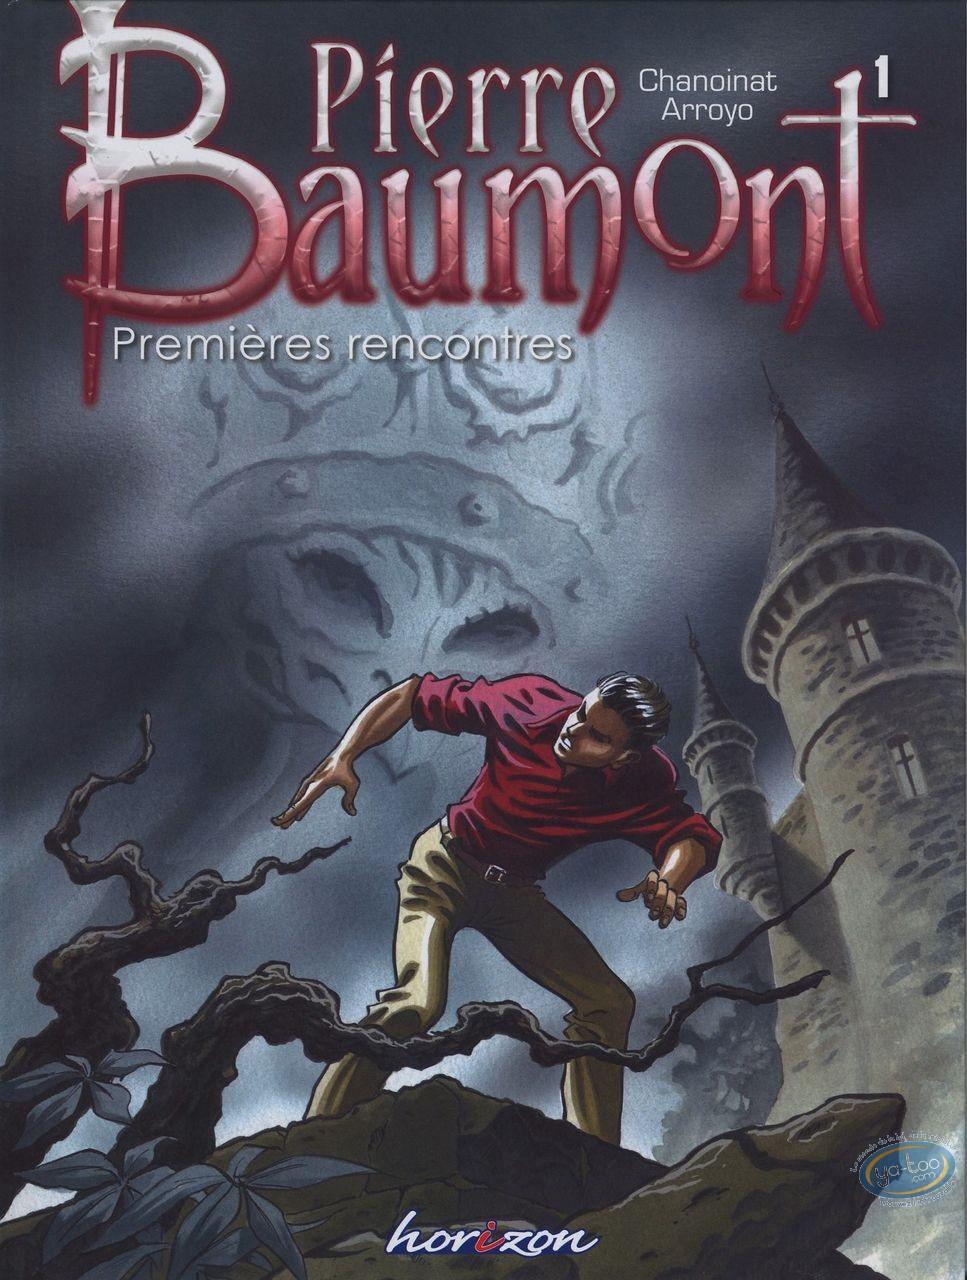 European Comic Books, Pierre Baumont : Premieres rencontres